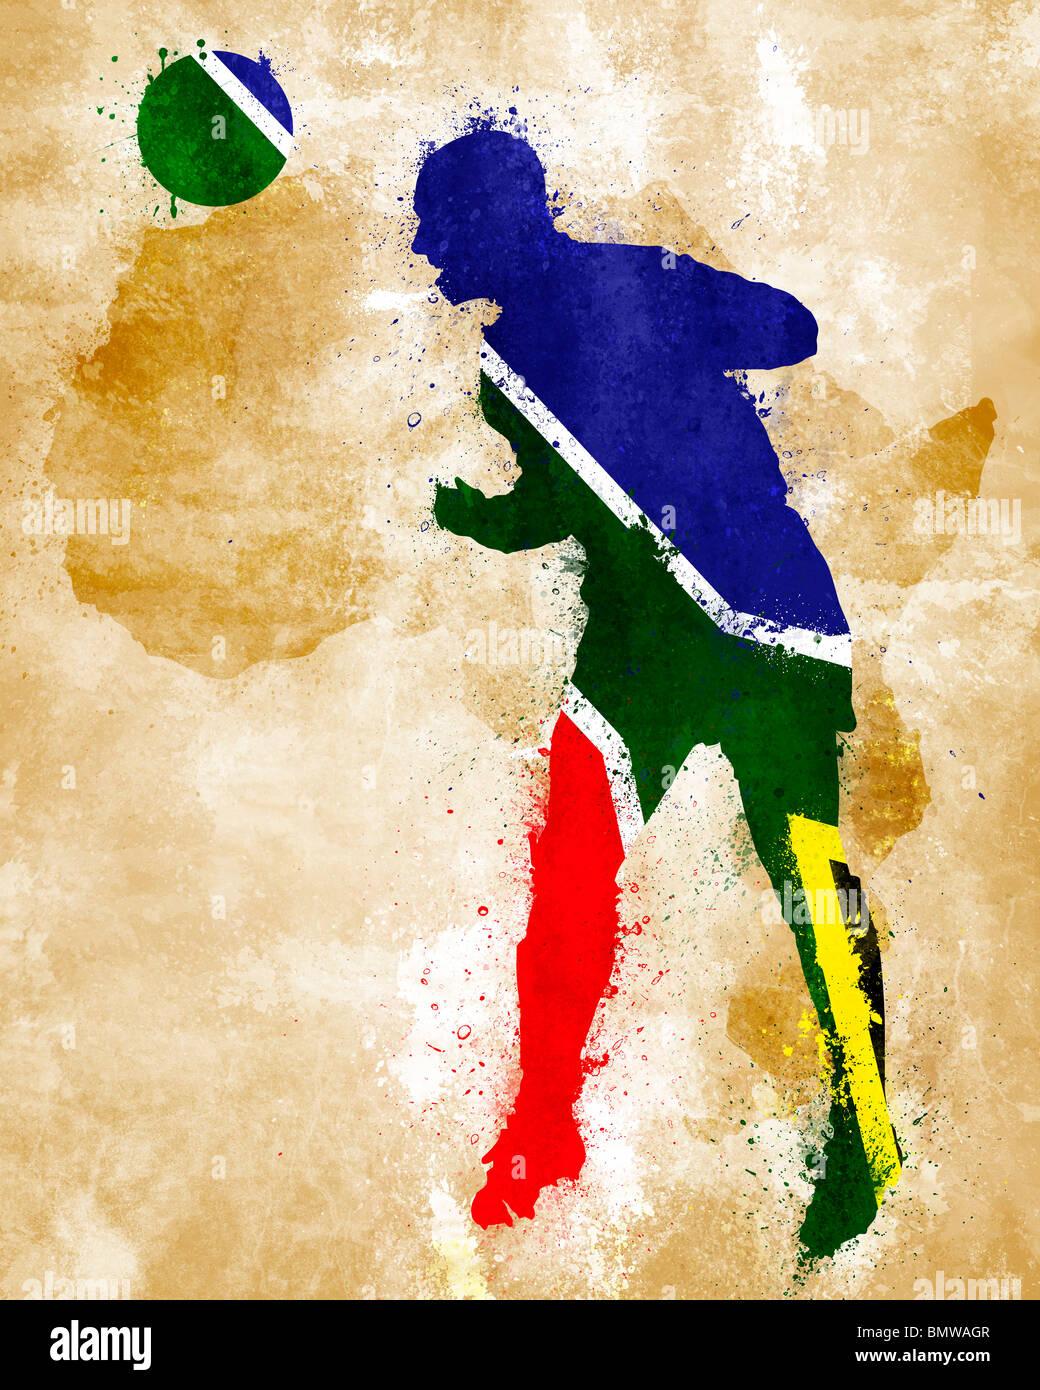 Um jogador de futebol com a bandeira da África do Sul pintado Imagens de Stock